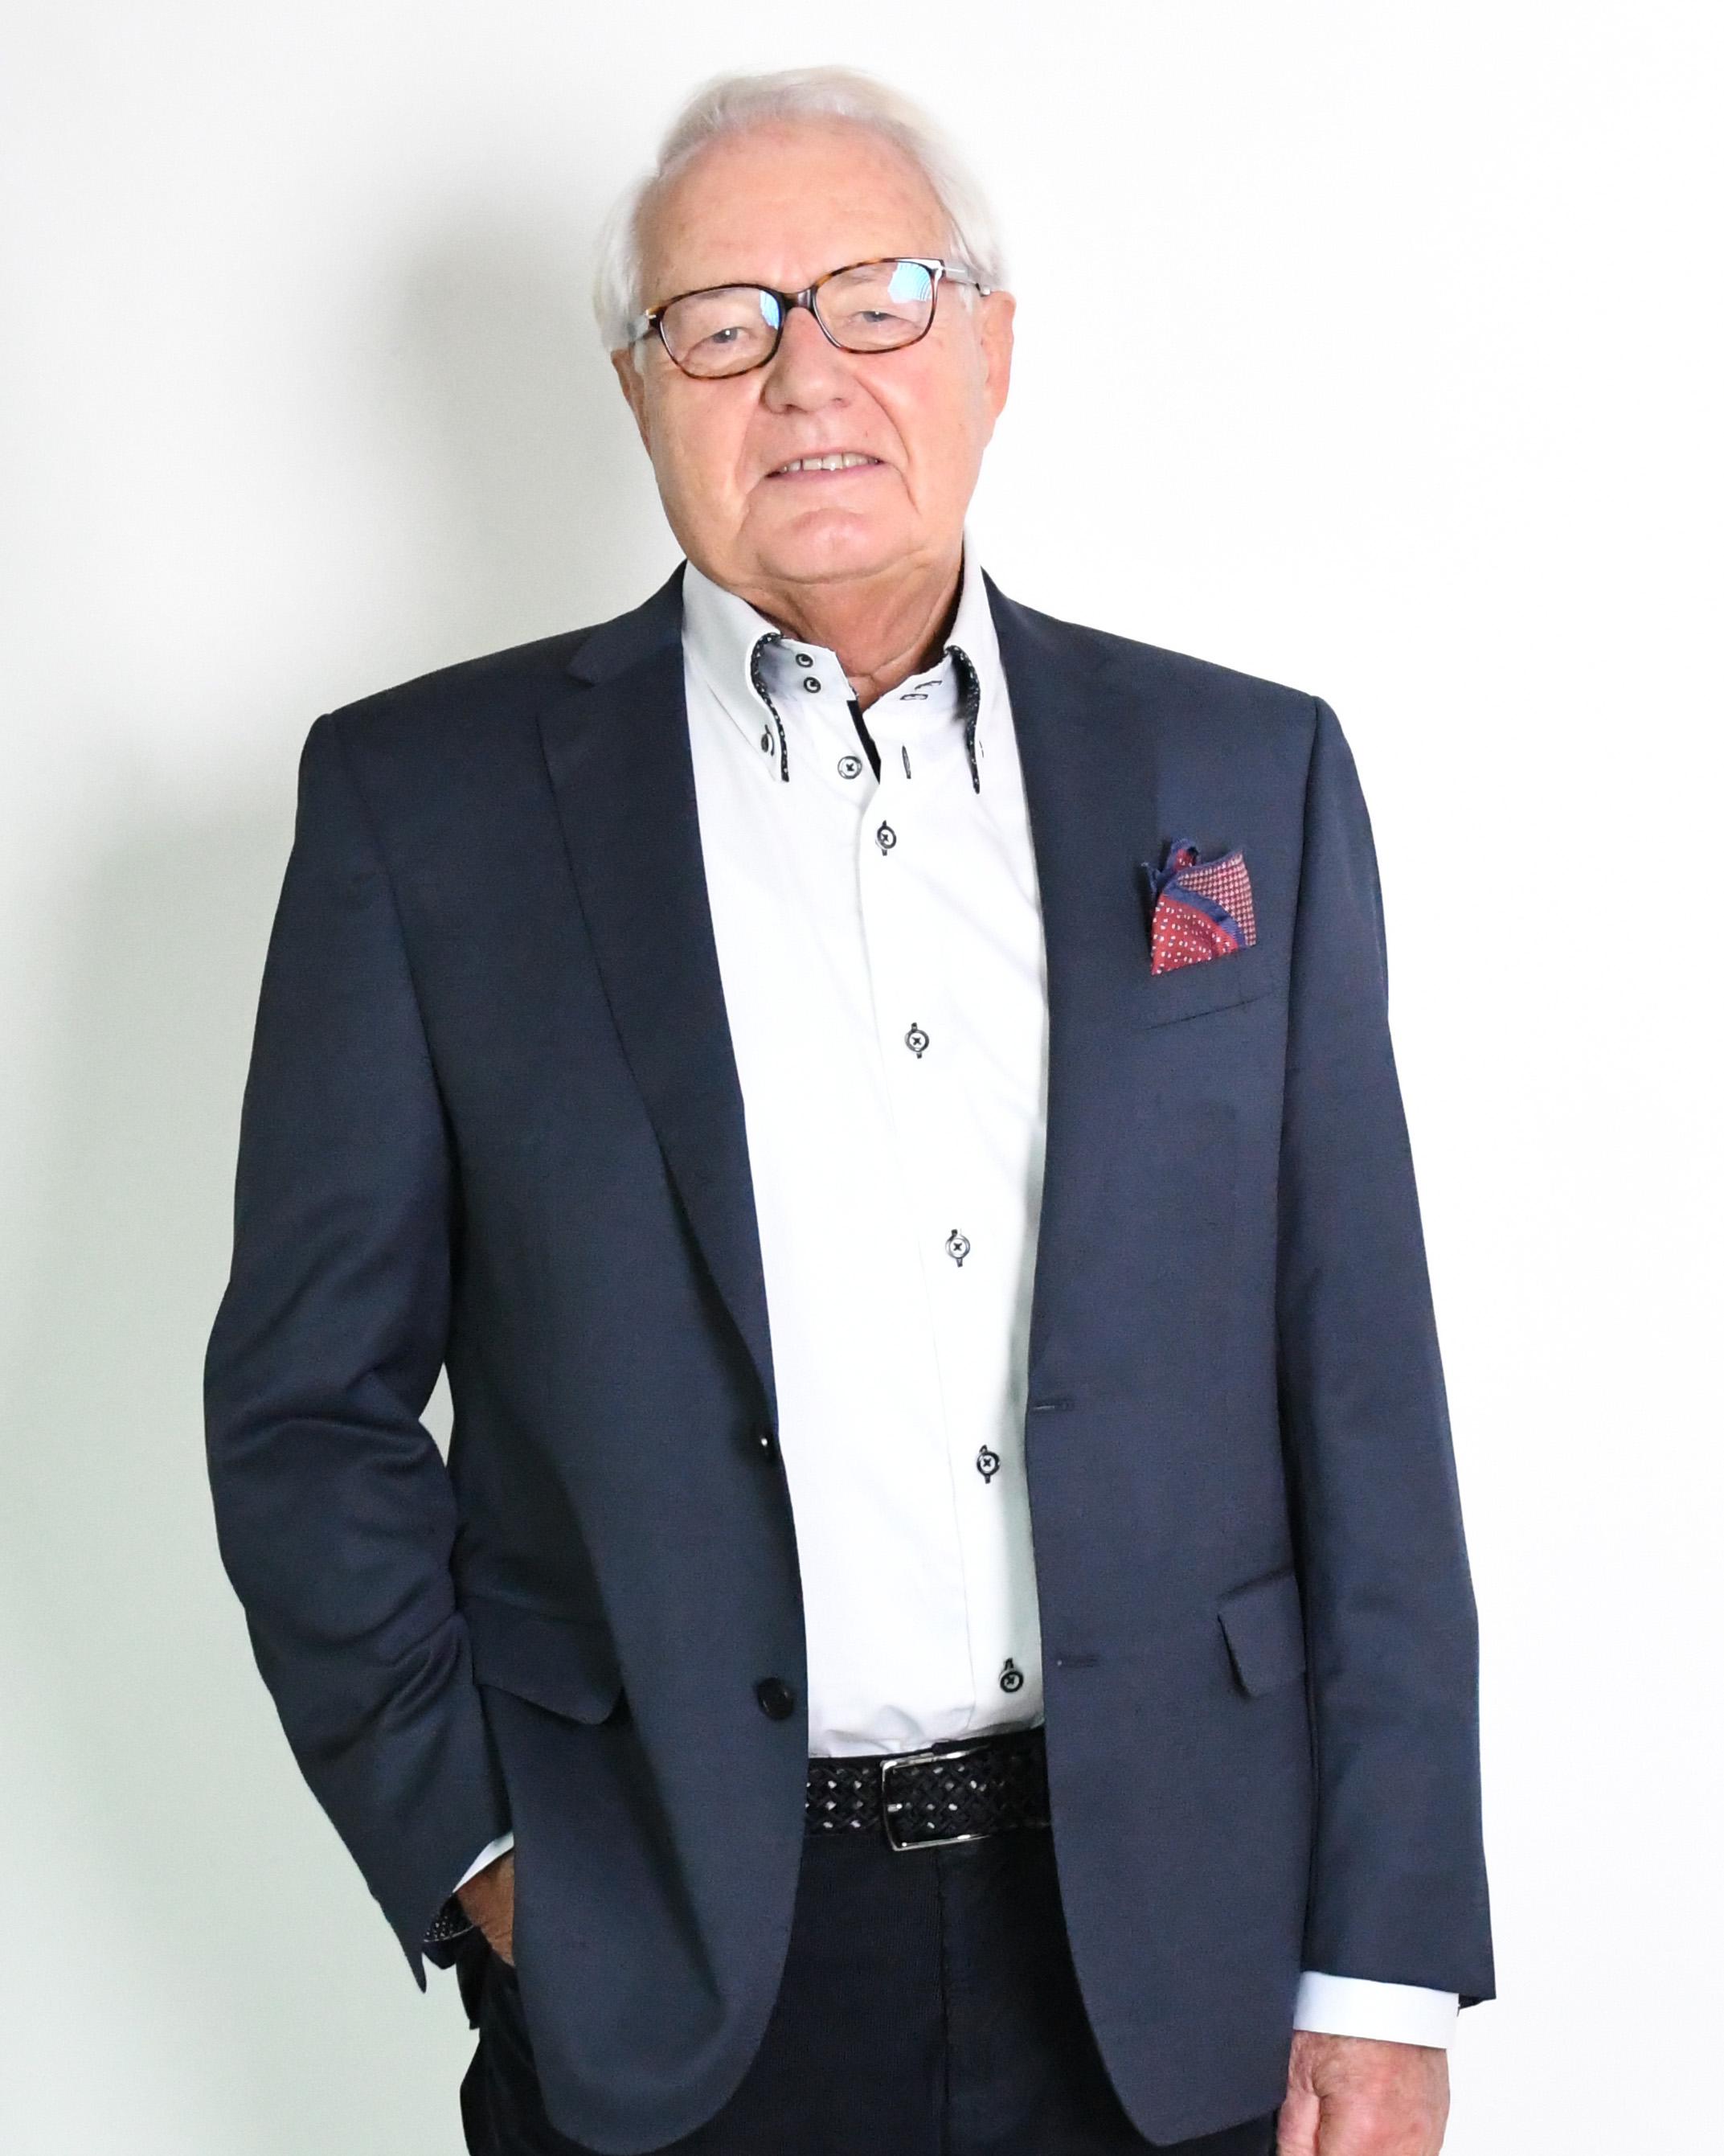 """Gerd Gottschalk ist seit der Unternehmensgründung 1972 kontinuierlich und zielstrebig mit dem Erfolg der Firma befasst. Er lebt den """"Hamburger Kaufmann"""" zu 100% und wird bei Unmöglichem als """"Wunderwaffe"""" eingesetzt. Zuhause fühlt er sich nur an der Elbe und auf dem Golfplatz. Seine persönlichen Helden sind die Mitglieder seiner Familie."""